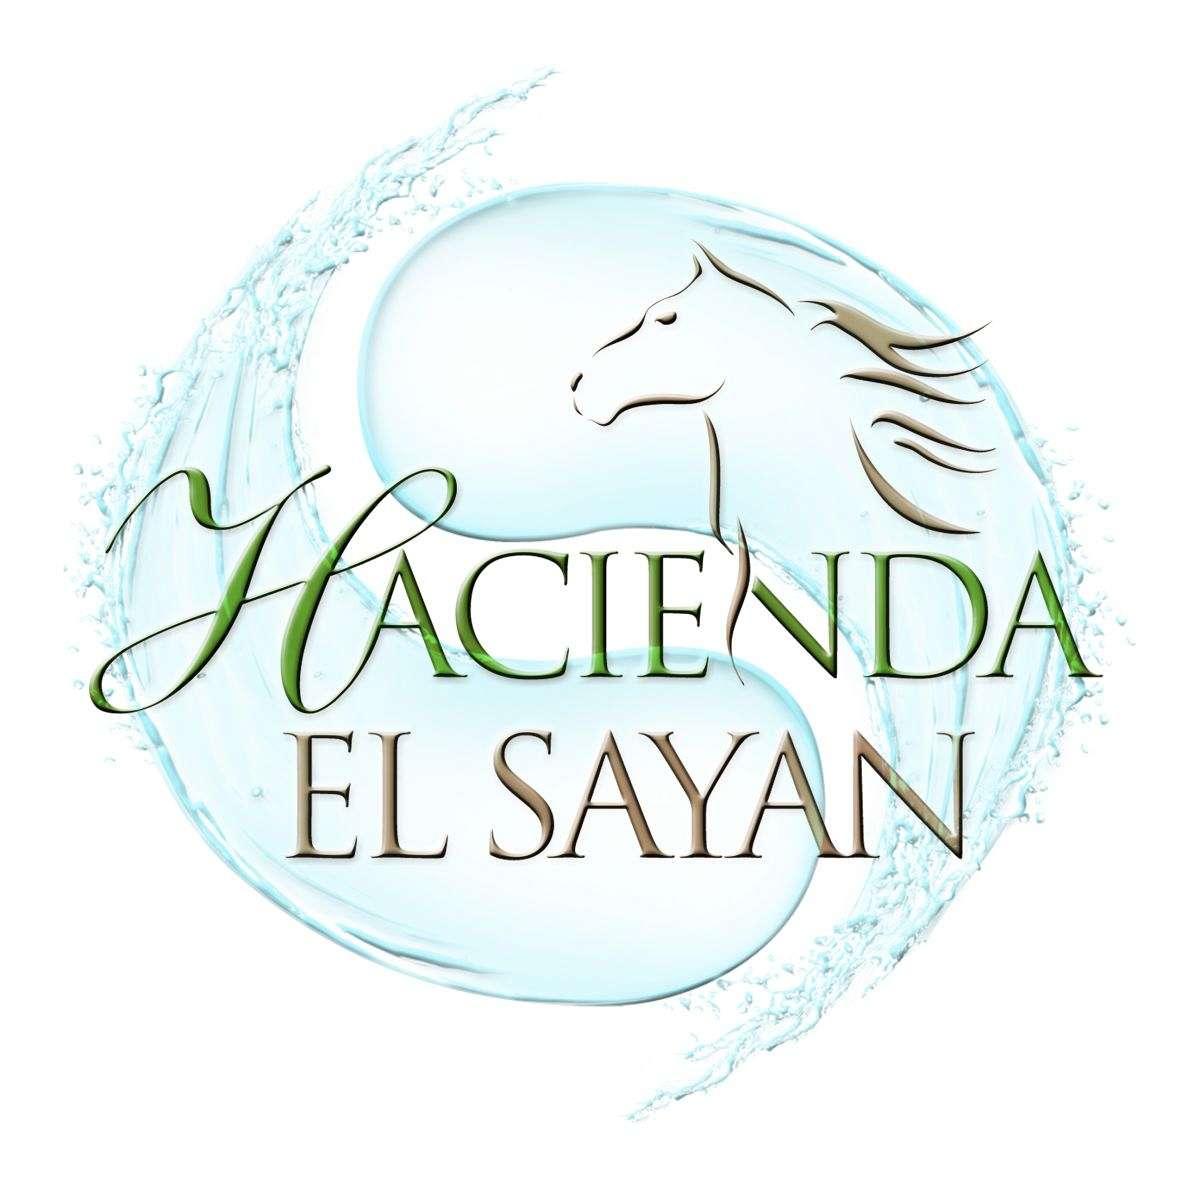 Hacienda El Sayan